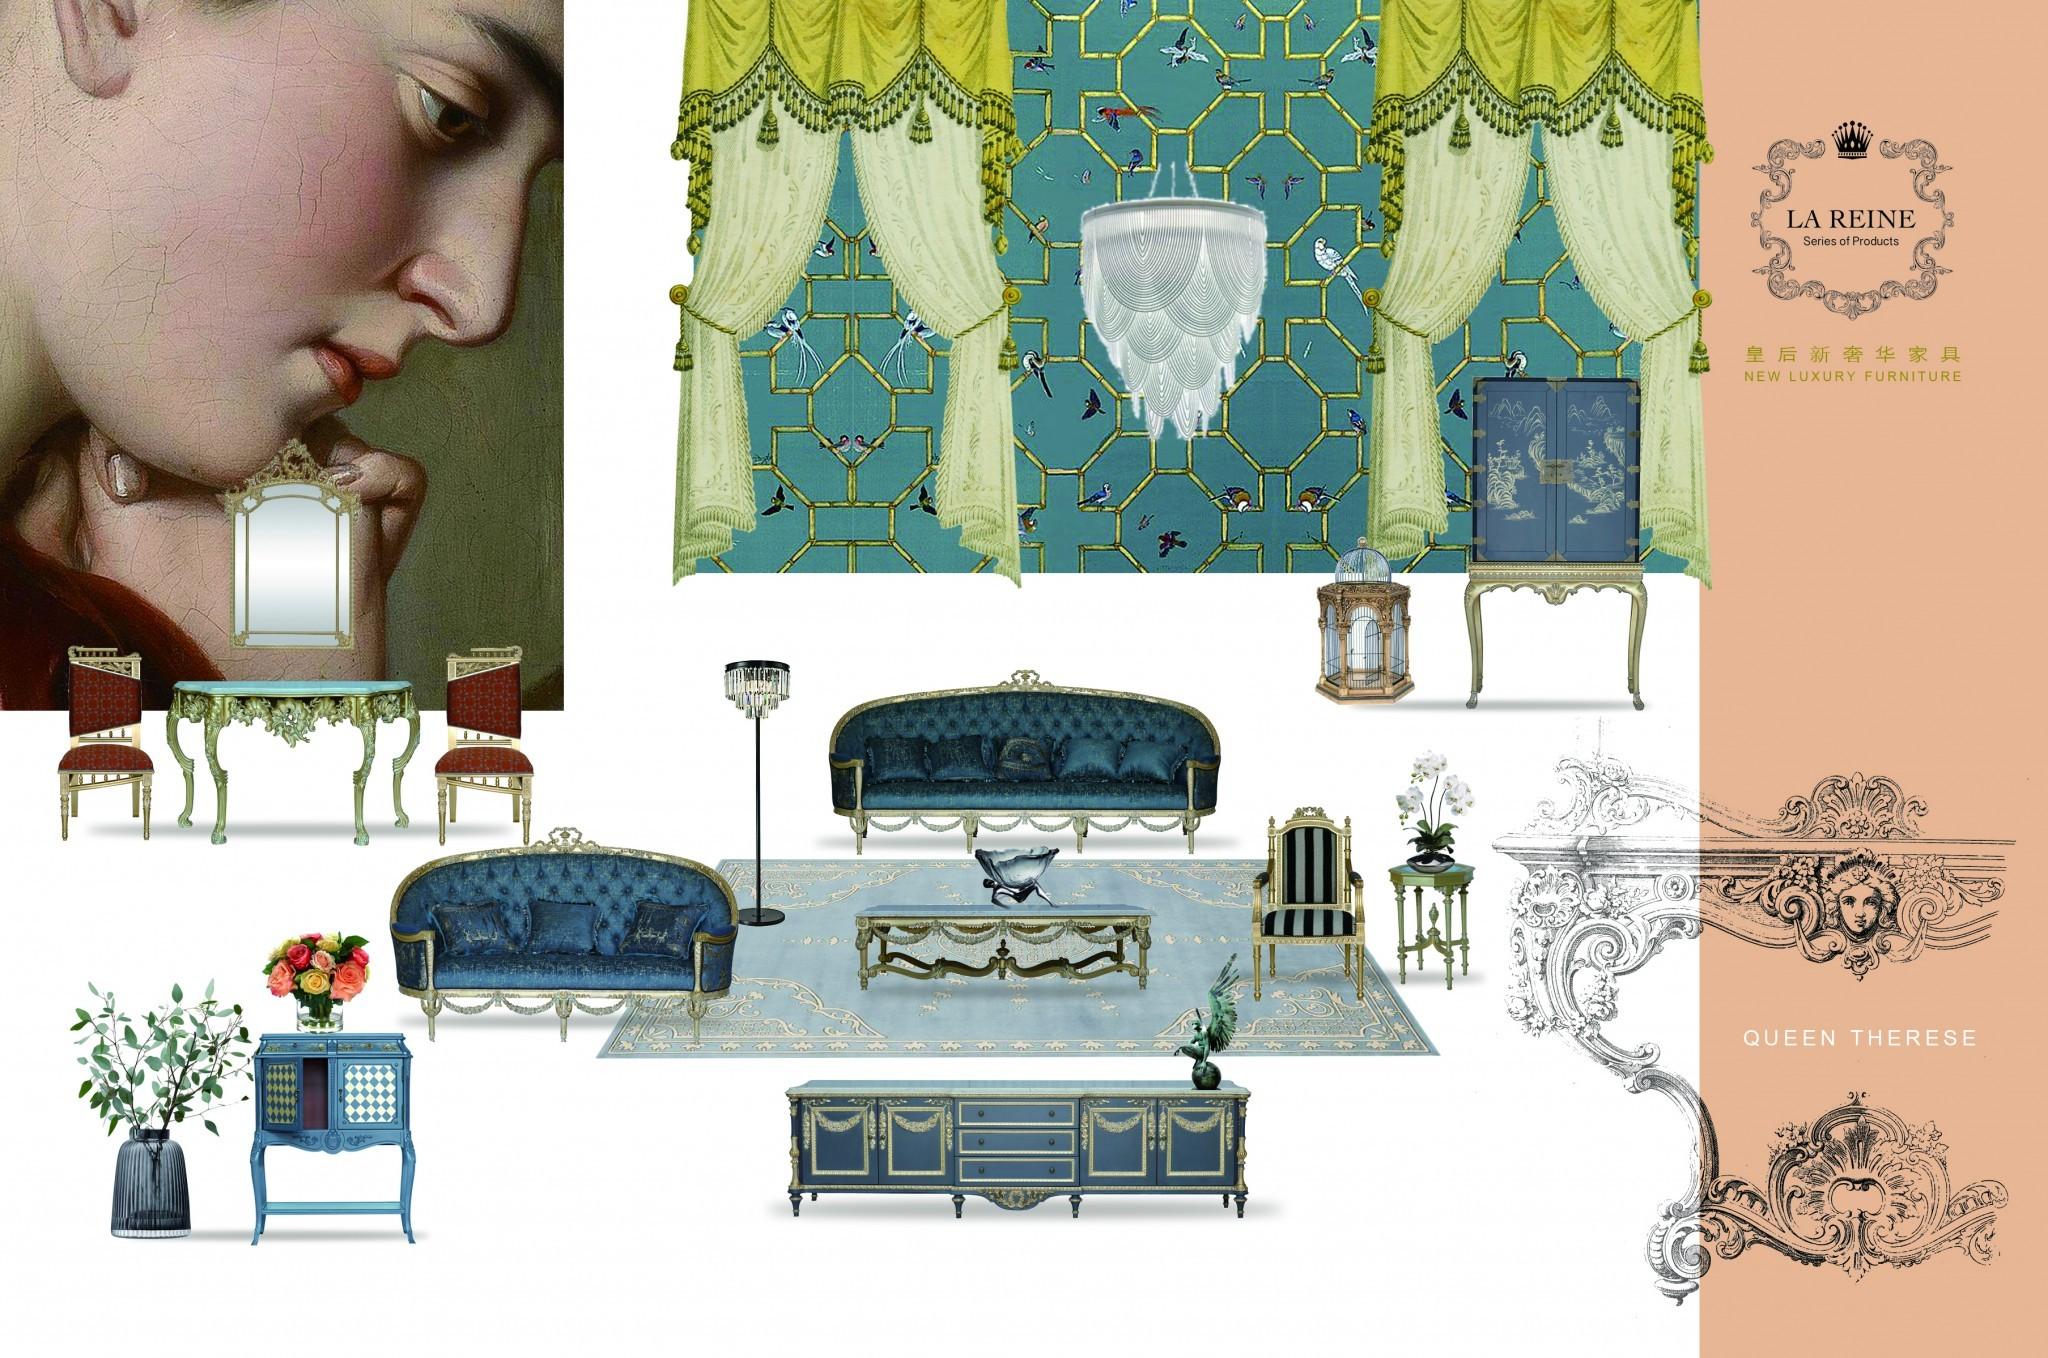 特蕾丝皇后客厅-1副本